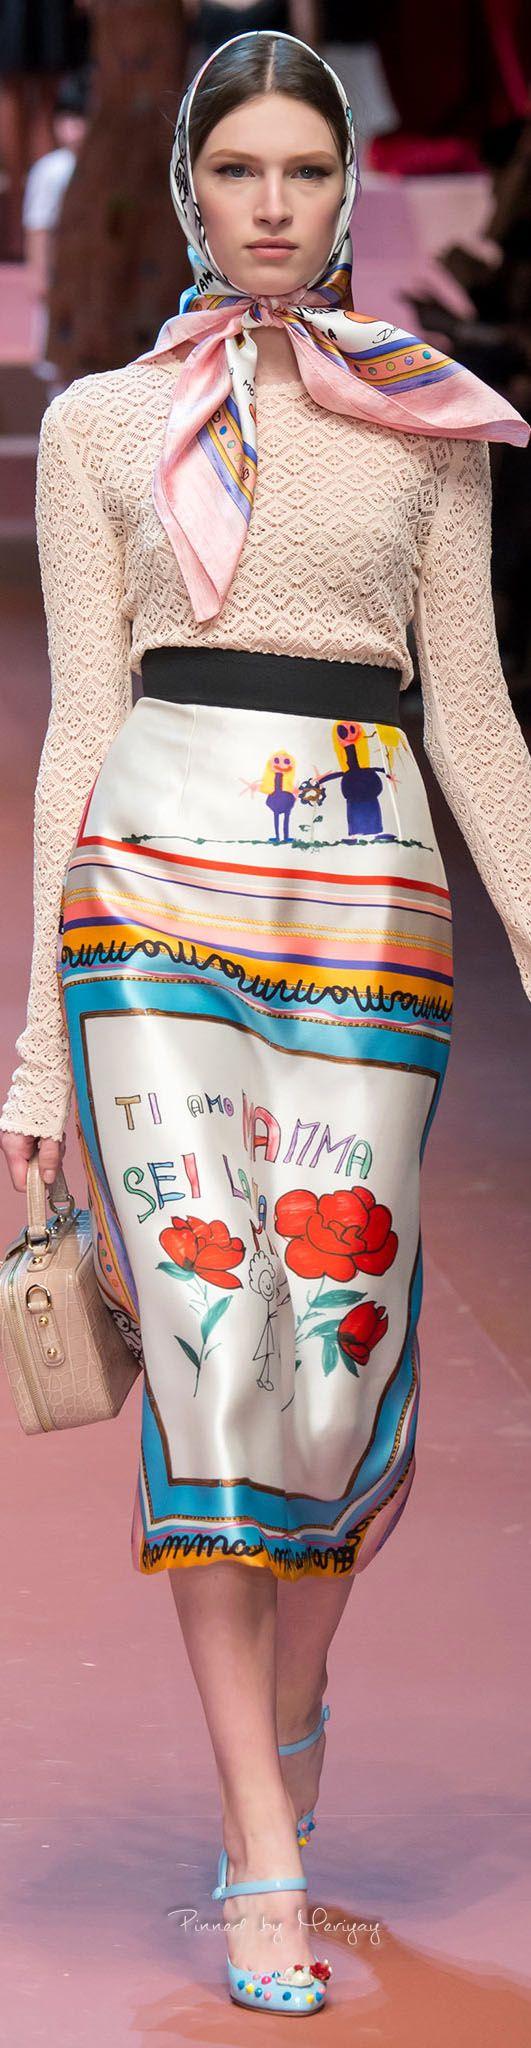 Dolce & Gabbana.Fall 2015.....con due foulards cuciti insieme si può fare la gonna :-)